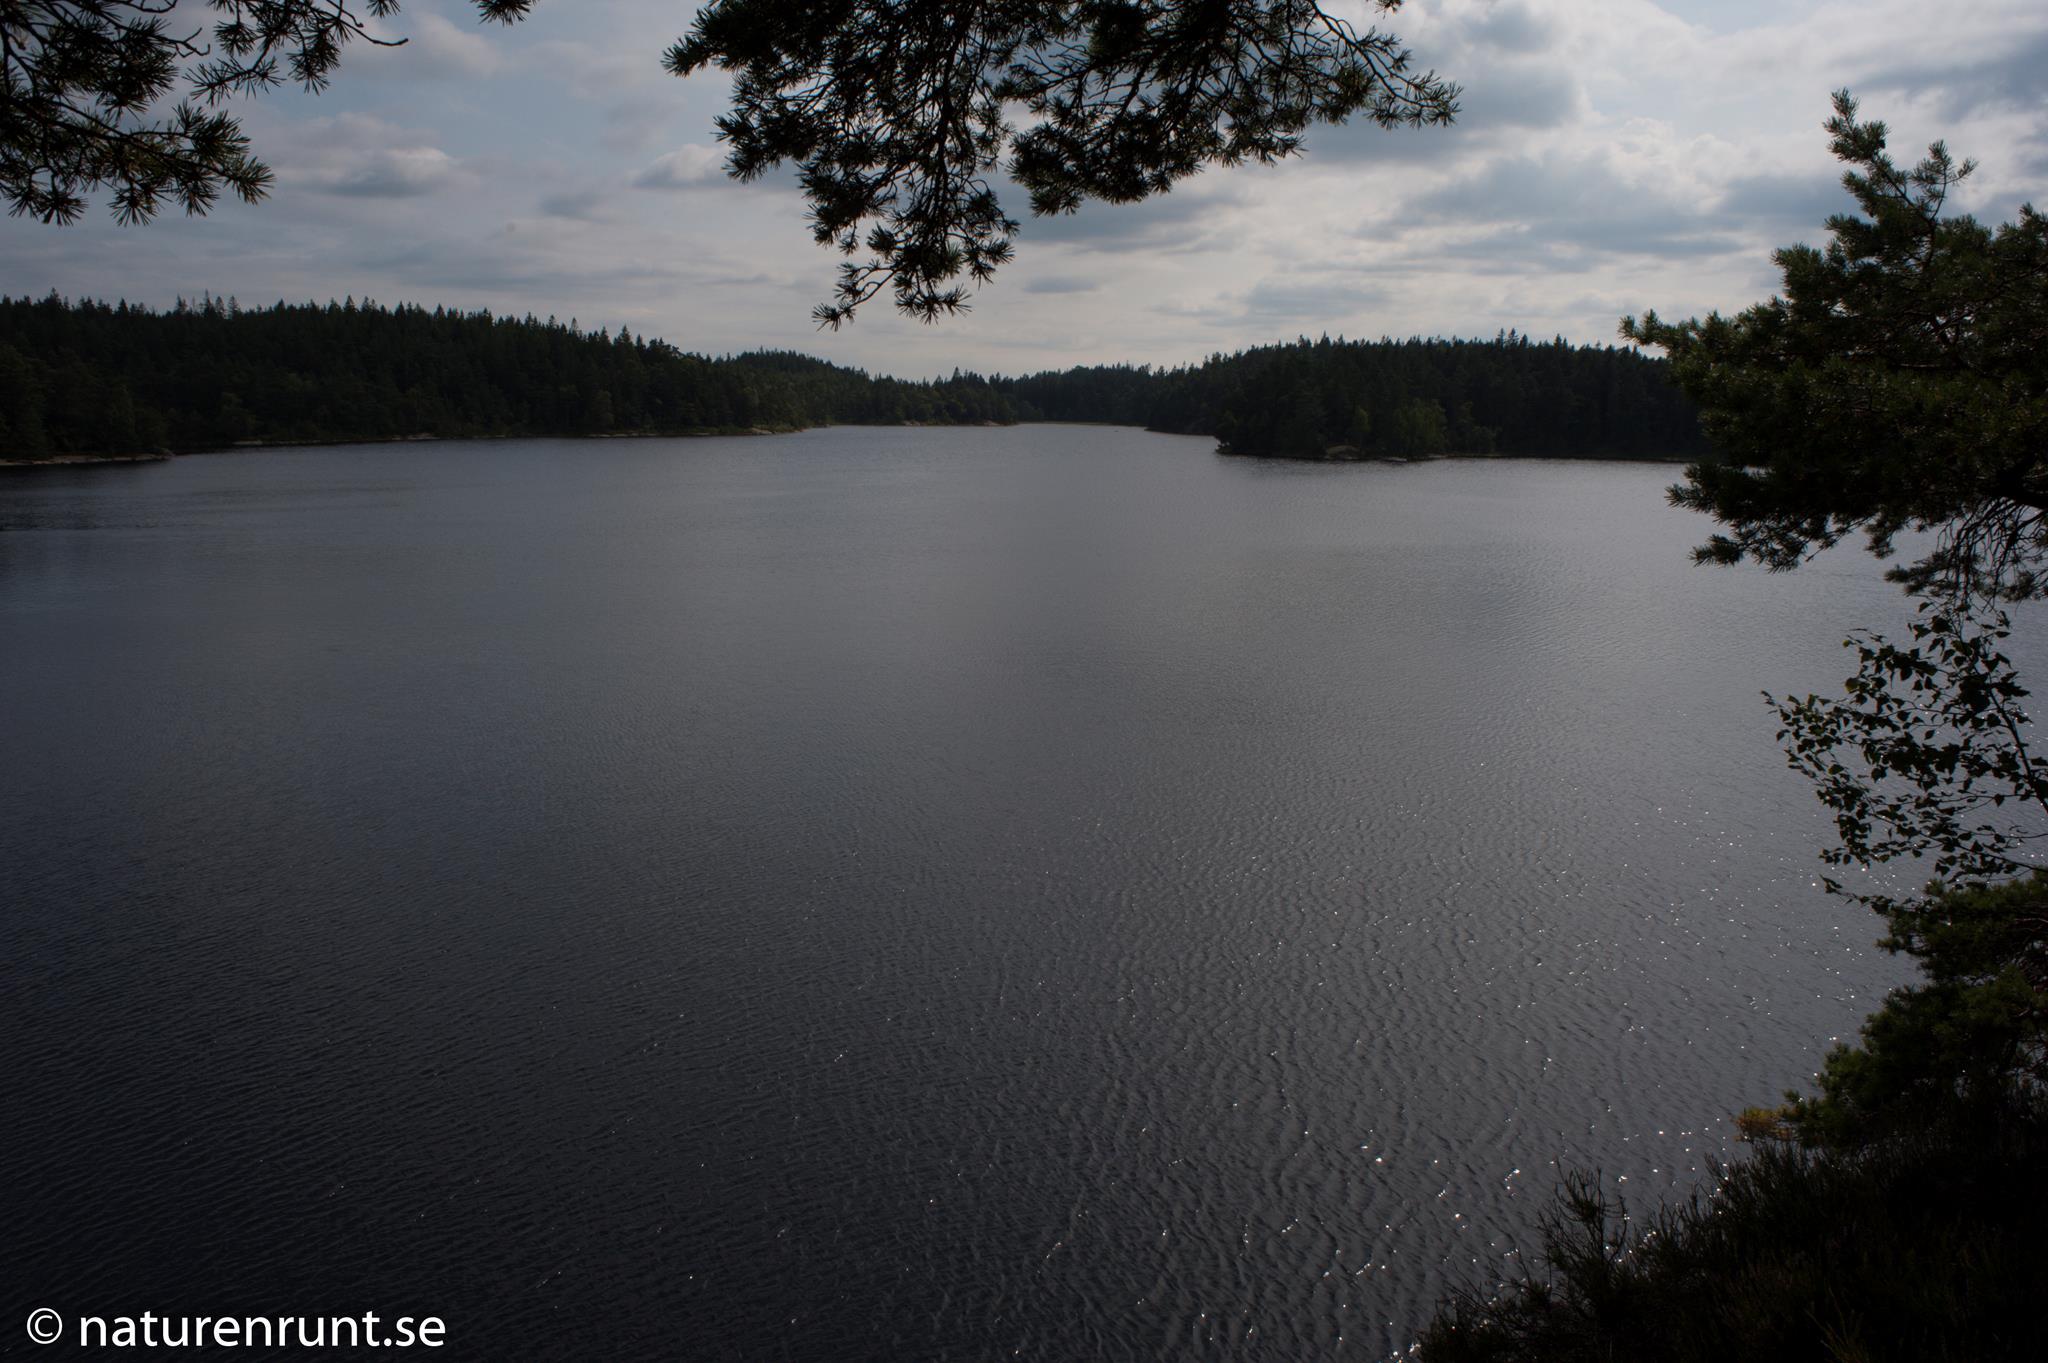 Utsikt - Från norra delen